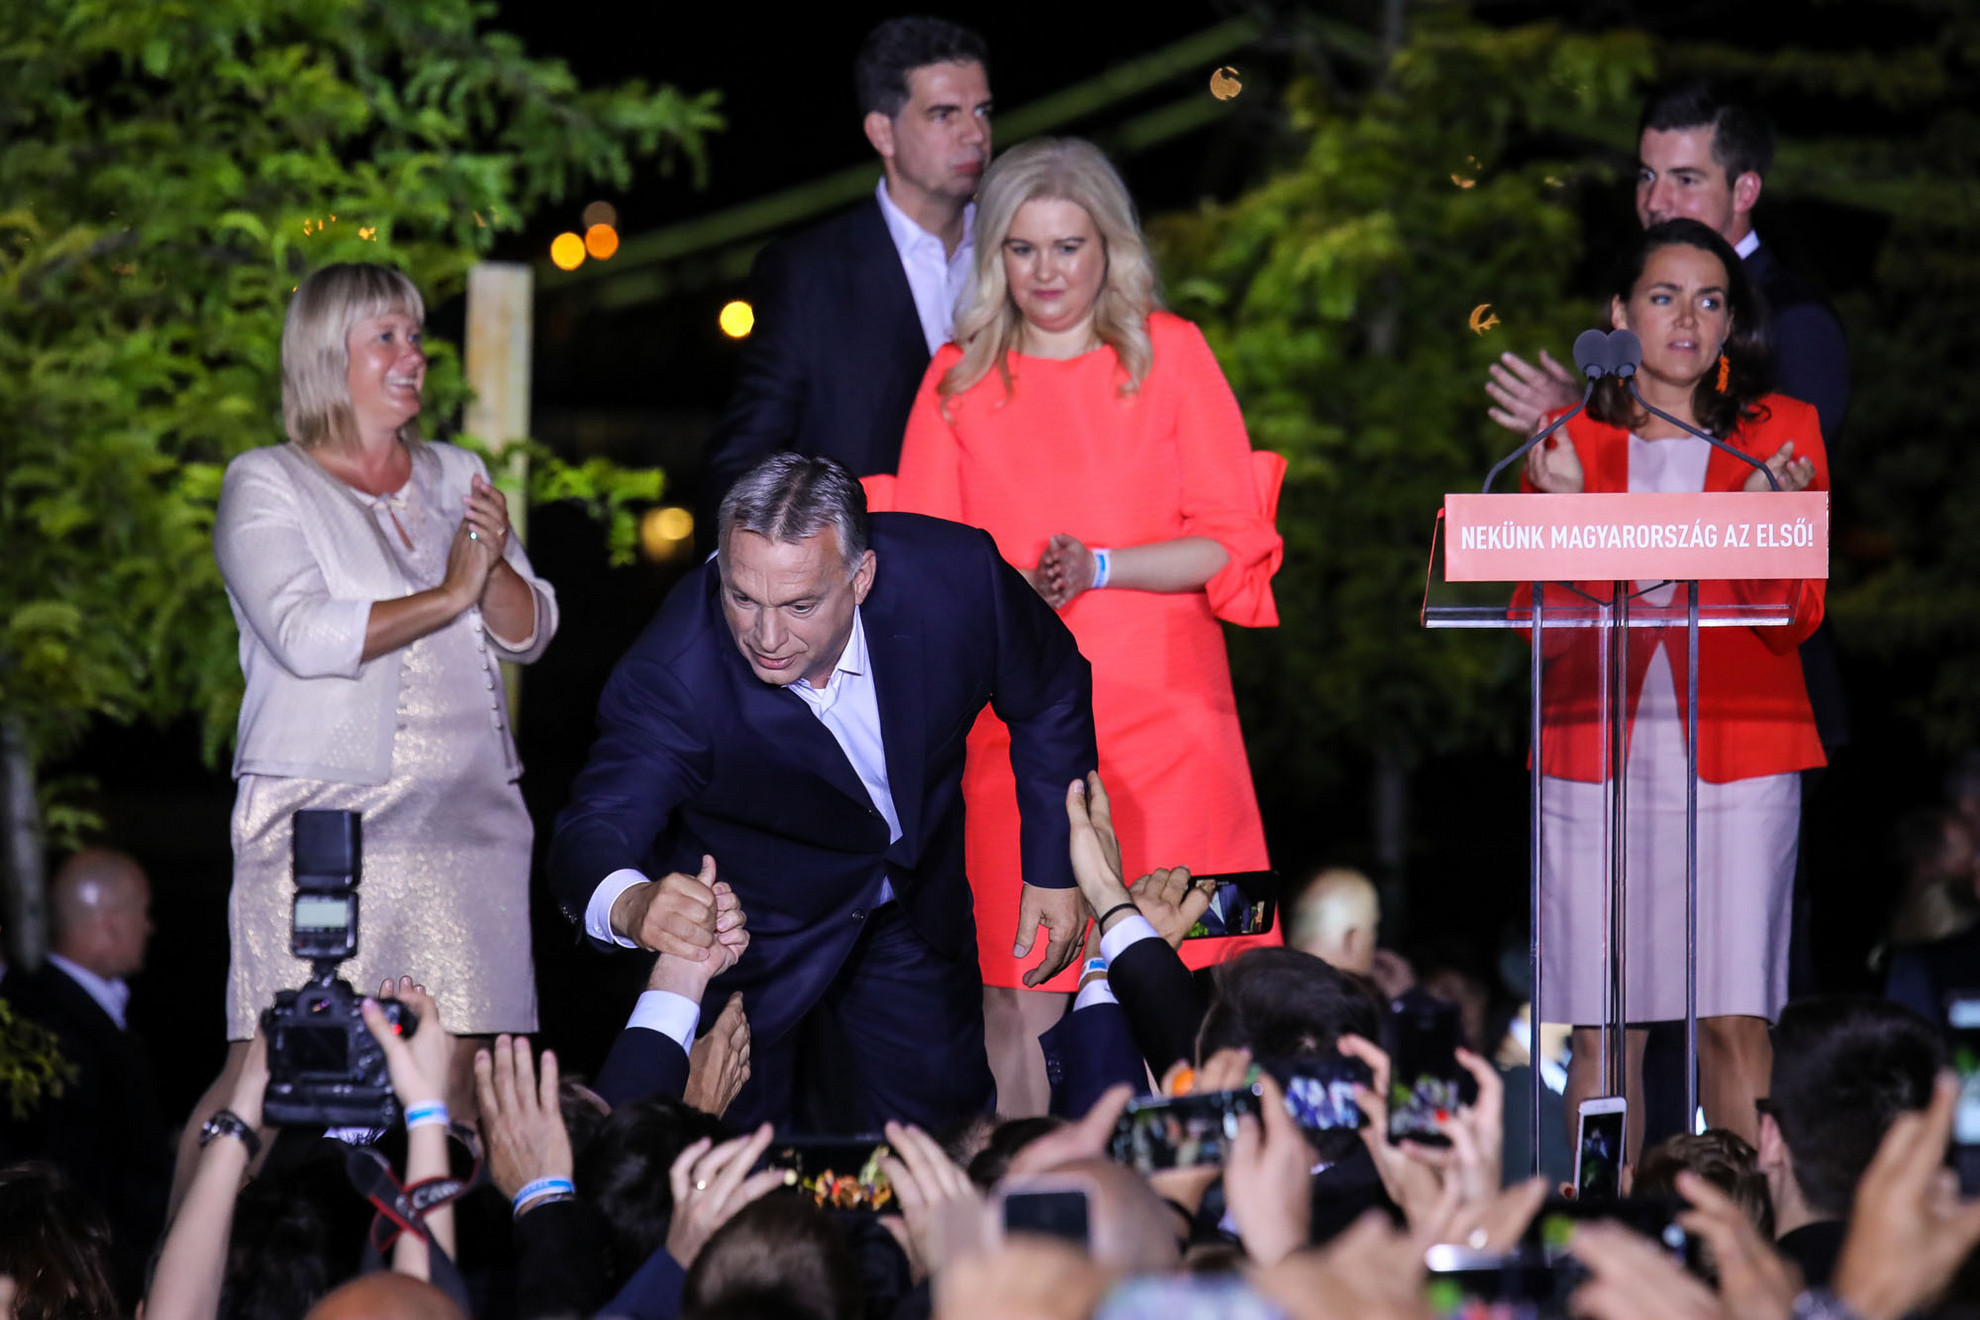 Egyedülálló módon a Fidesz-KDNP a választók szavazatainak 52,33 százalékát szerezte meg, így tizenhárom képviselőt küldhet az Európai Parlamentbe. Orbán Viktor vasárnap este a Bálna épületénél, a Fidesz-KDNP eredményváró rendezvényén mondta el győzelmi beszédét